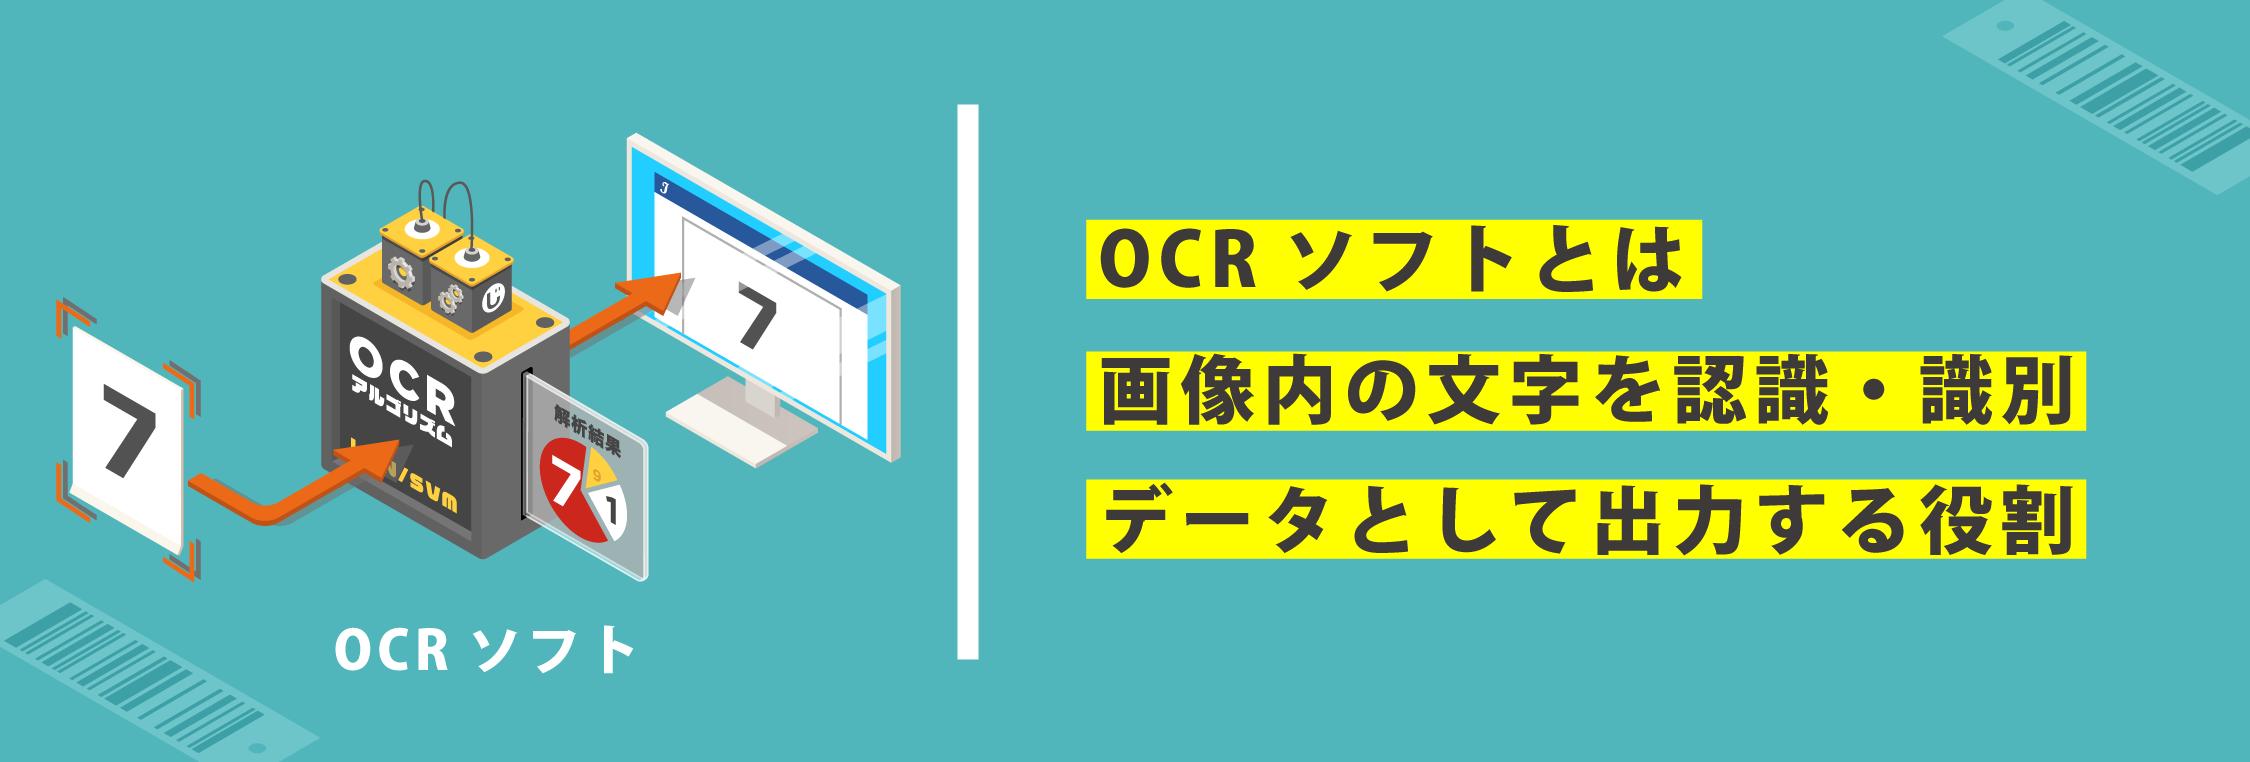 OCR仕組み